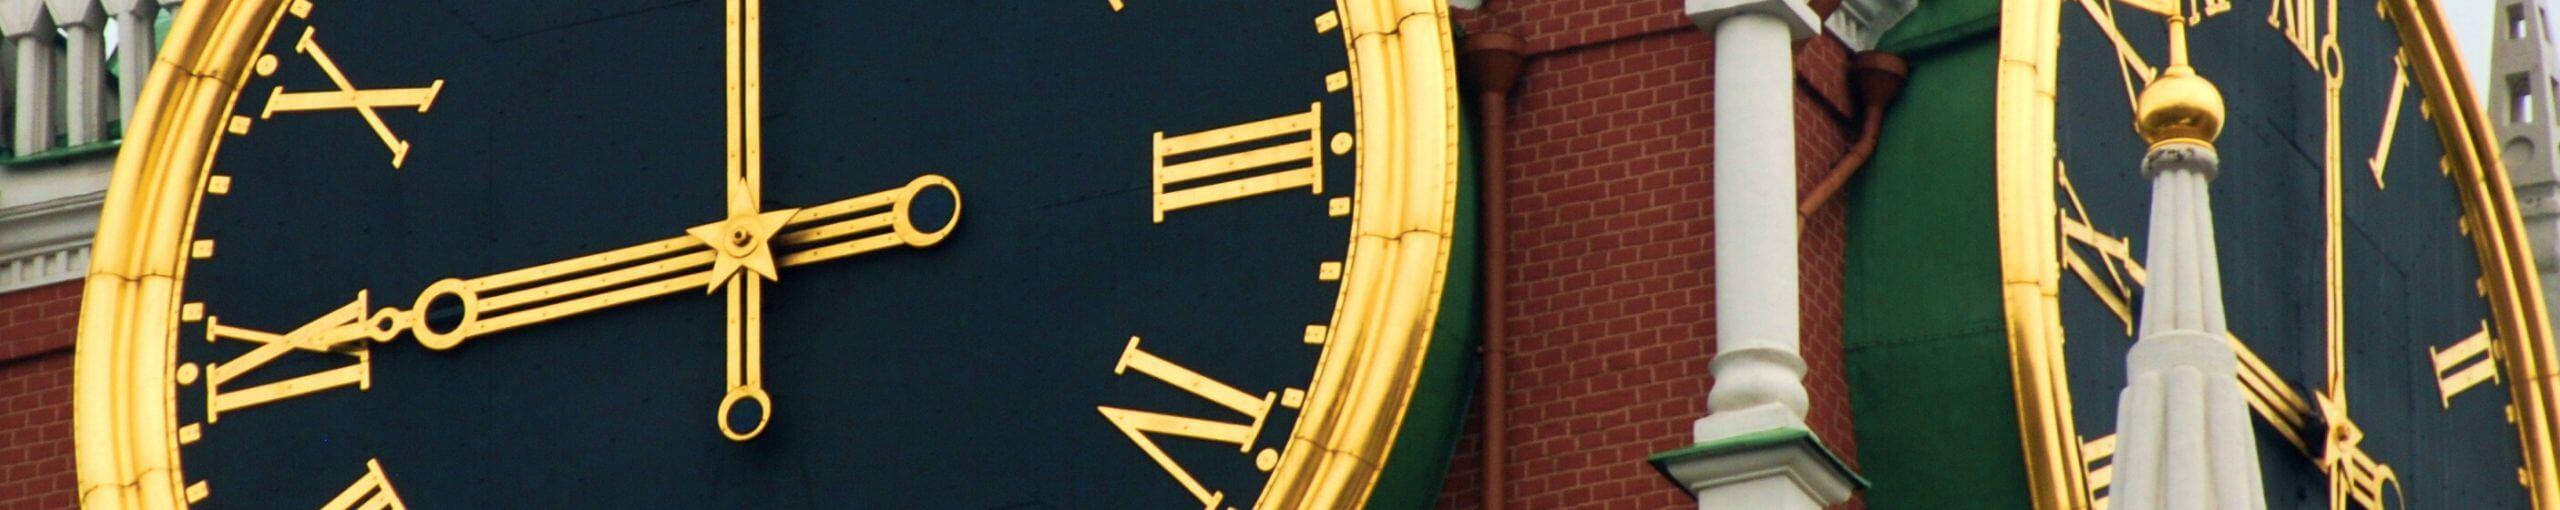 Reloj de Plaza Roja de Moscú. Viajar a Rusia.